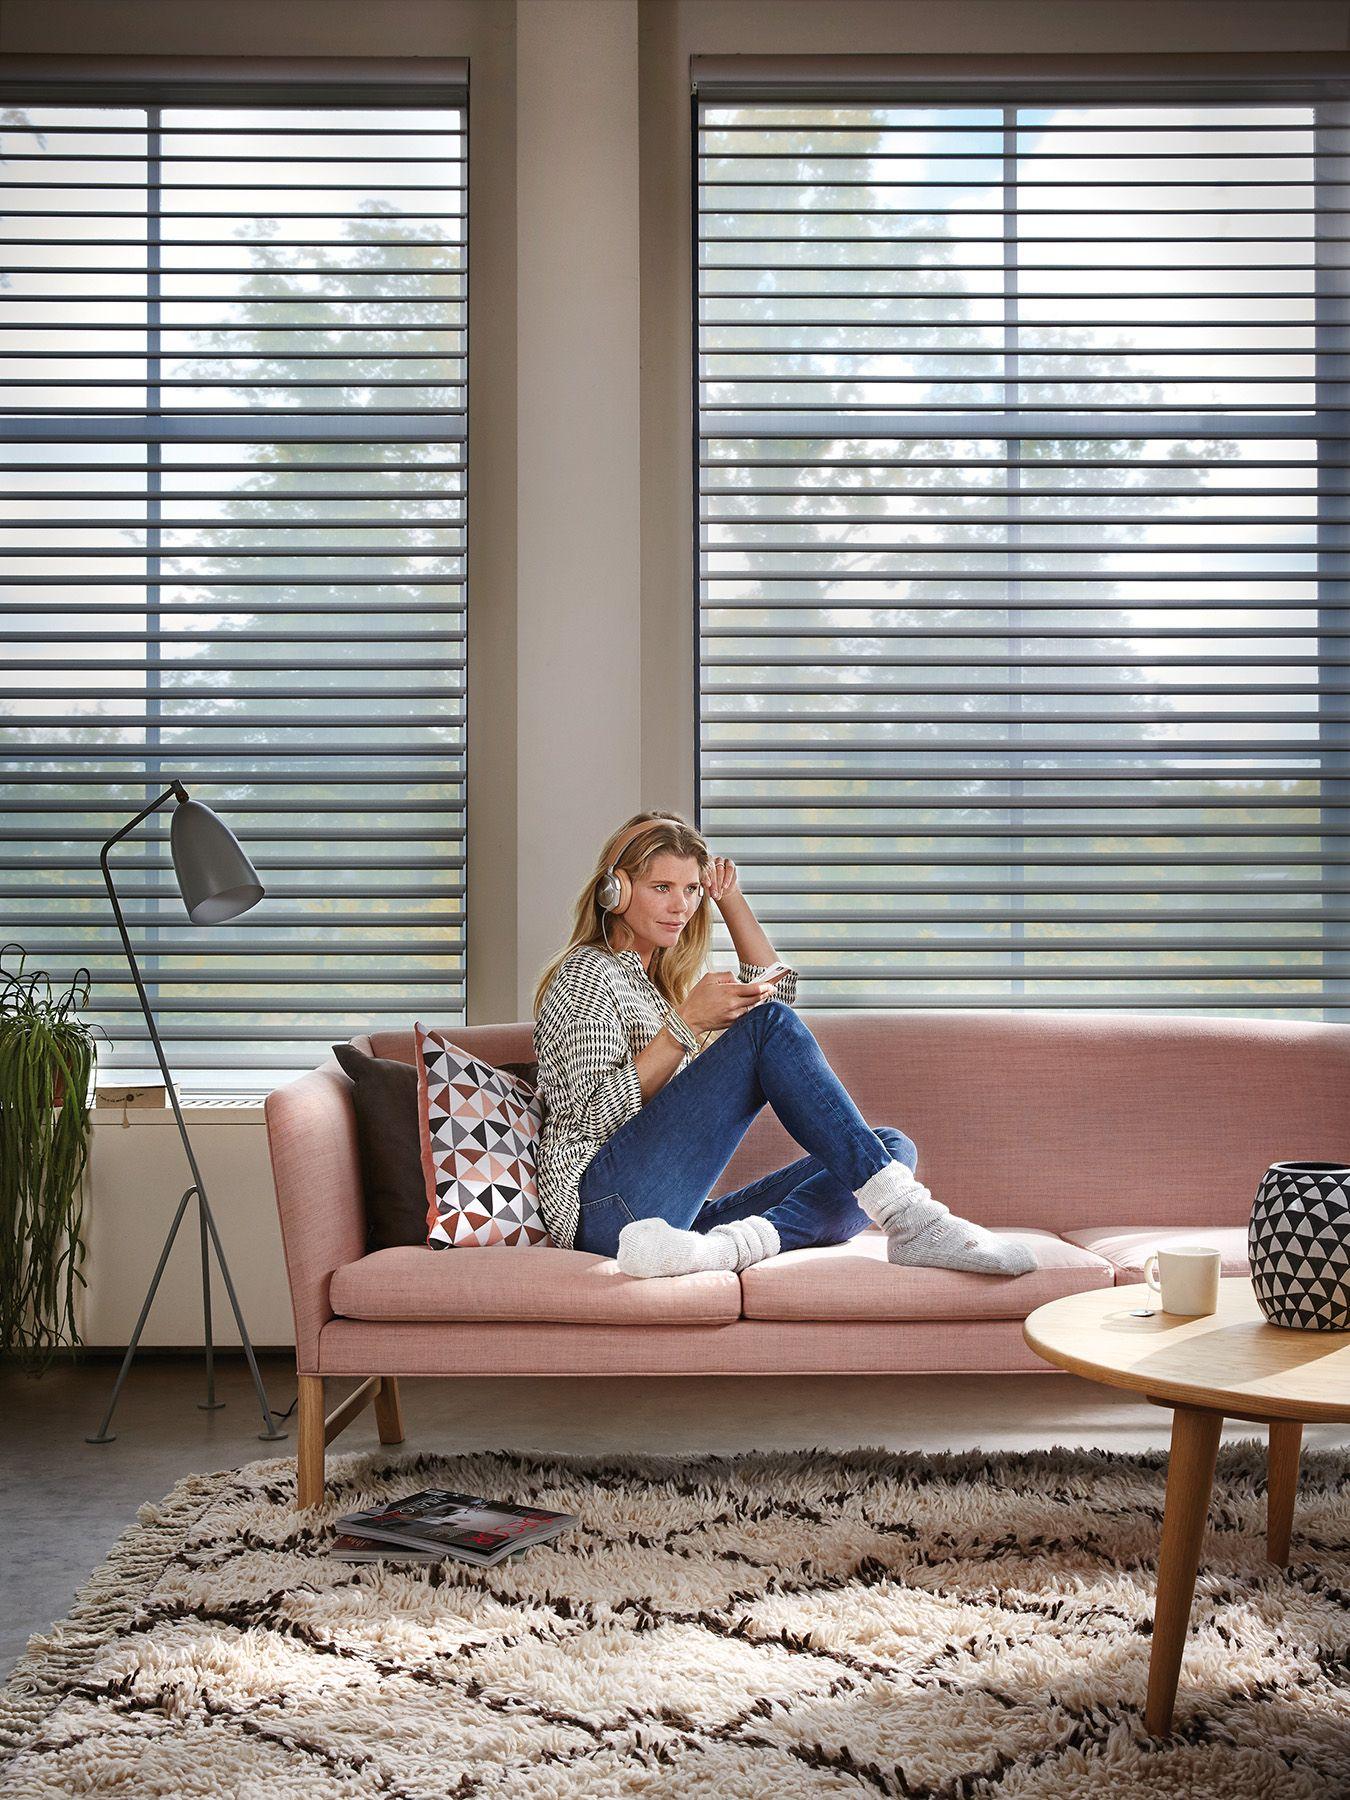 Knitted Revolving Chair Intex And Ottoman Tómate Una Pausa Y Disfruta Tus Espacios Casas